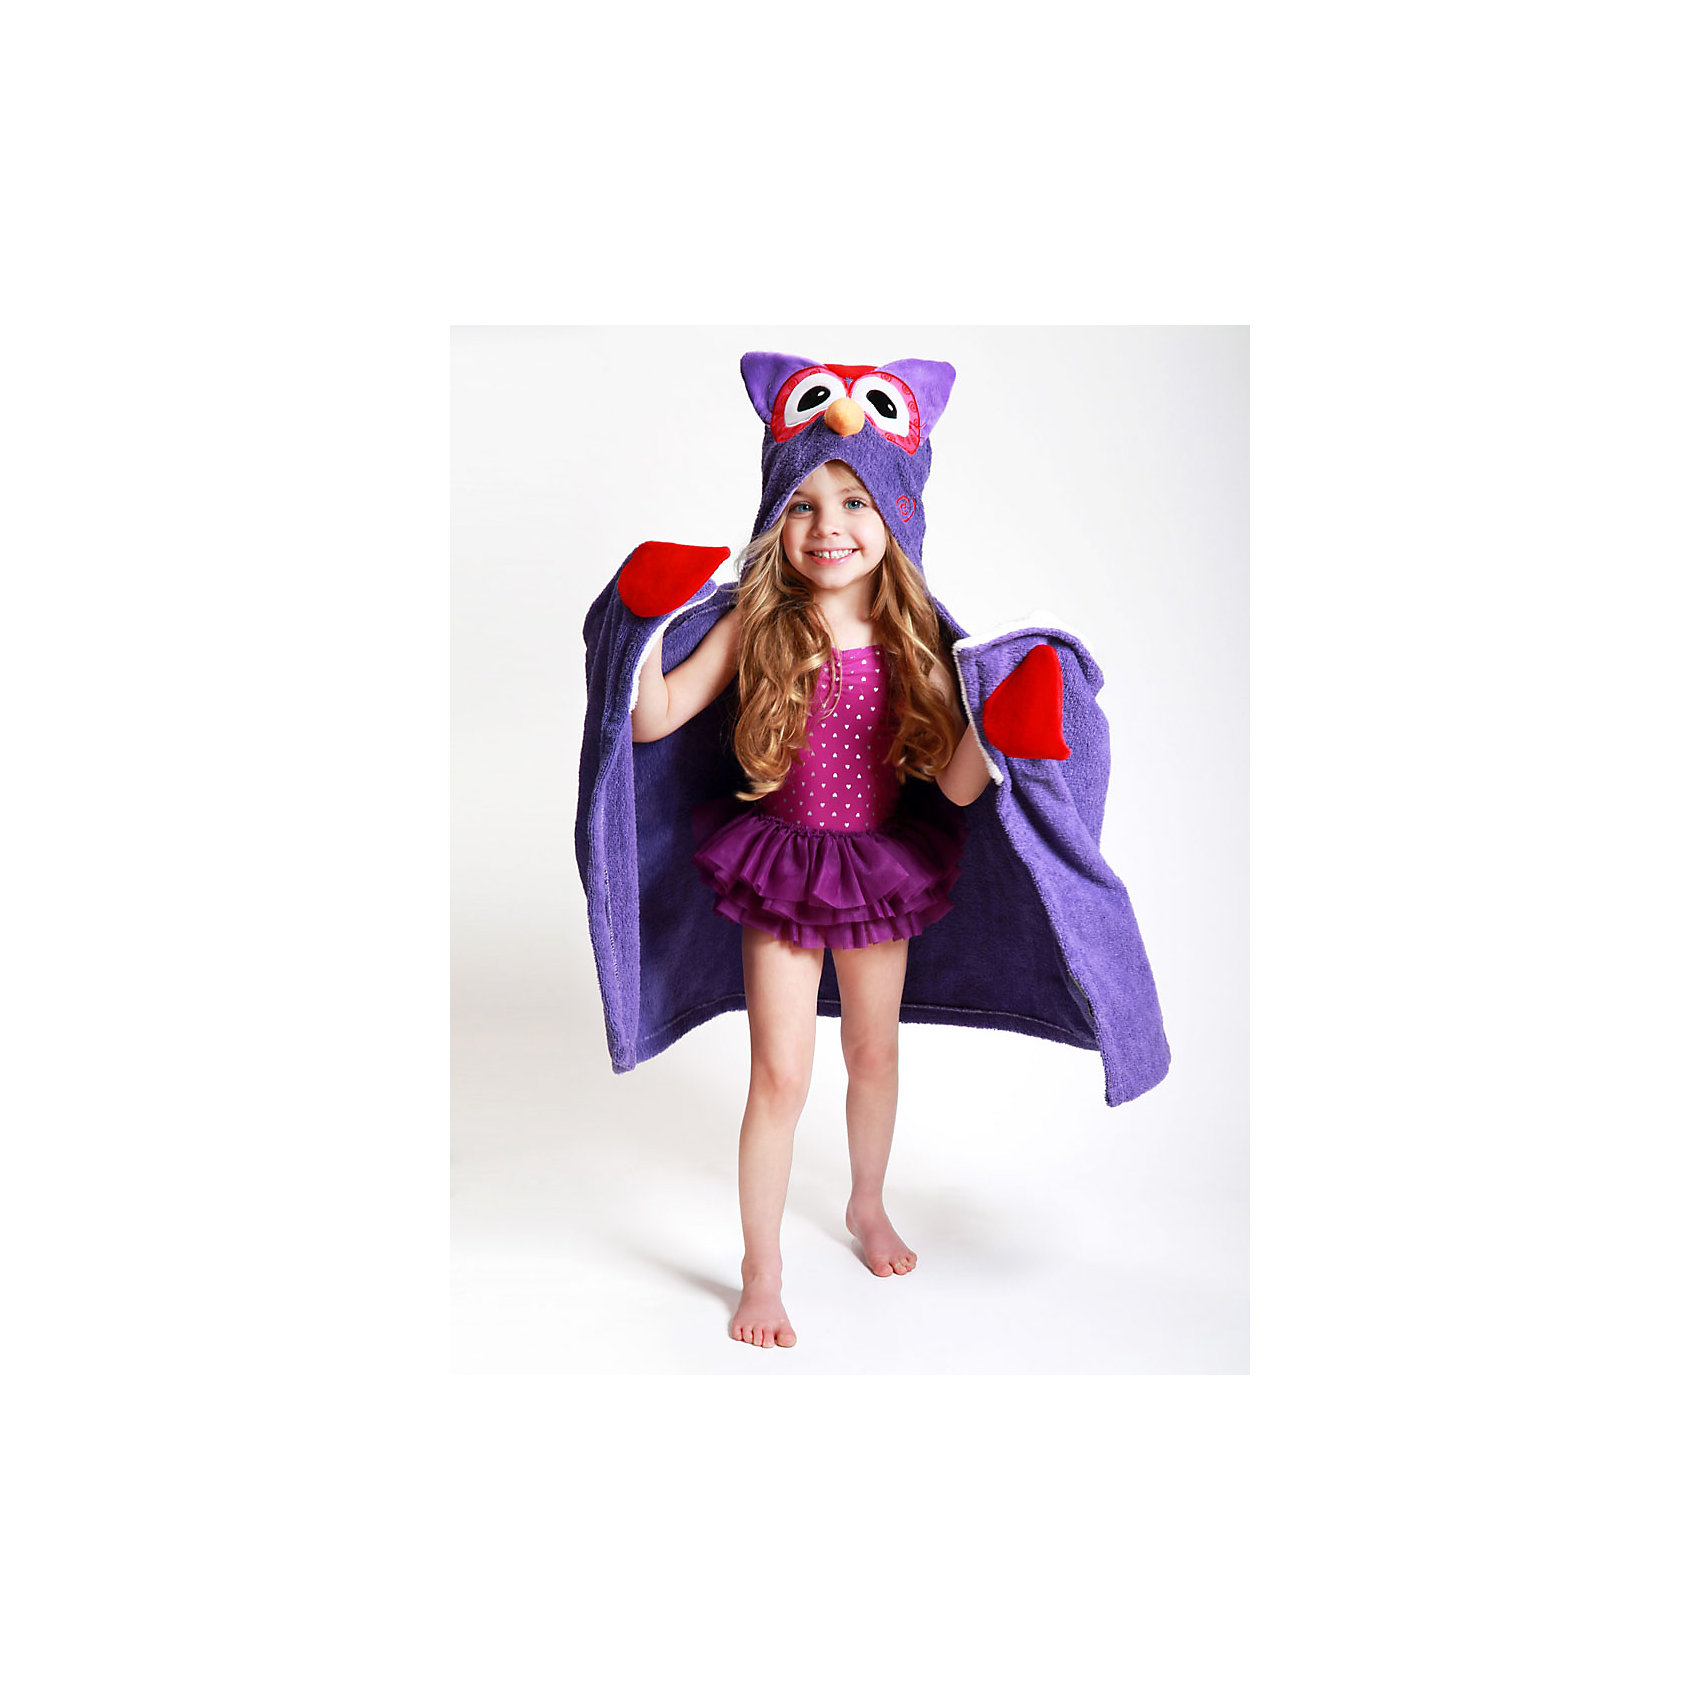 Полотенце с капюшоном Olive the Owl (от 2 лет), ZoocchiniВанная комната<br>Полотенце с капюшоном Olive the Owl (от 2 лет) Сова Оливия от американского бренда Zoocchini (Зукинни) сделает принятие ванны еще уютнее и приятнее. Специалисты из США и Канады, объединенные любовью к животным, создали компанию с товарами для детей в виде зверей. Большое хлопковое полотенце прекрасно впитывает влагу, а забавный капюшон с качественно вышитой совой защищает от сквозняков. По краям имеются дополнительные уголки для рук в виде крыльев, превращая полотенце почти в костюм, отличный повод для веселого маскарада! Приятный оранжевый цвет и дизайн придут по вкусу всей семье. Отлично подходит деткам от двух лет. <br>Дополнительная информация:<br><br>- Состав: 100% хлопок<br>- Размер: 127 * 55 см.<br>Полотенце с капюшоном Olive the Owl (от 2 лет) Сова Оливия, Zoocchini (Зукини) можно купить в нашем интернет-магазине.<br>Подробнее:<br>• Для детей в возрасте: от 2 лет<br>• Номер товара: 4976031<br>Страна производитель: Китай<br><br>Ширина мм: 305<br>Глубина мм: 50<br>Высота мм: 305<br>Вес г: 594<br>Возраст от месяцев: 24<br>Возраст до месяцев: 72<br>Пол: Унисекс<br>Возраст: Детский<br>SKU: 4976031